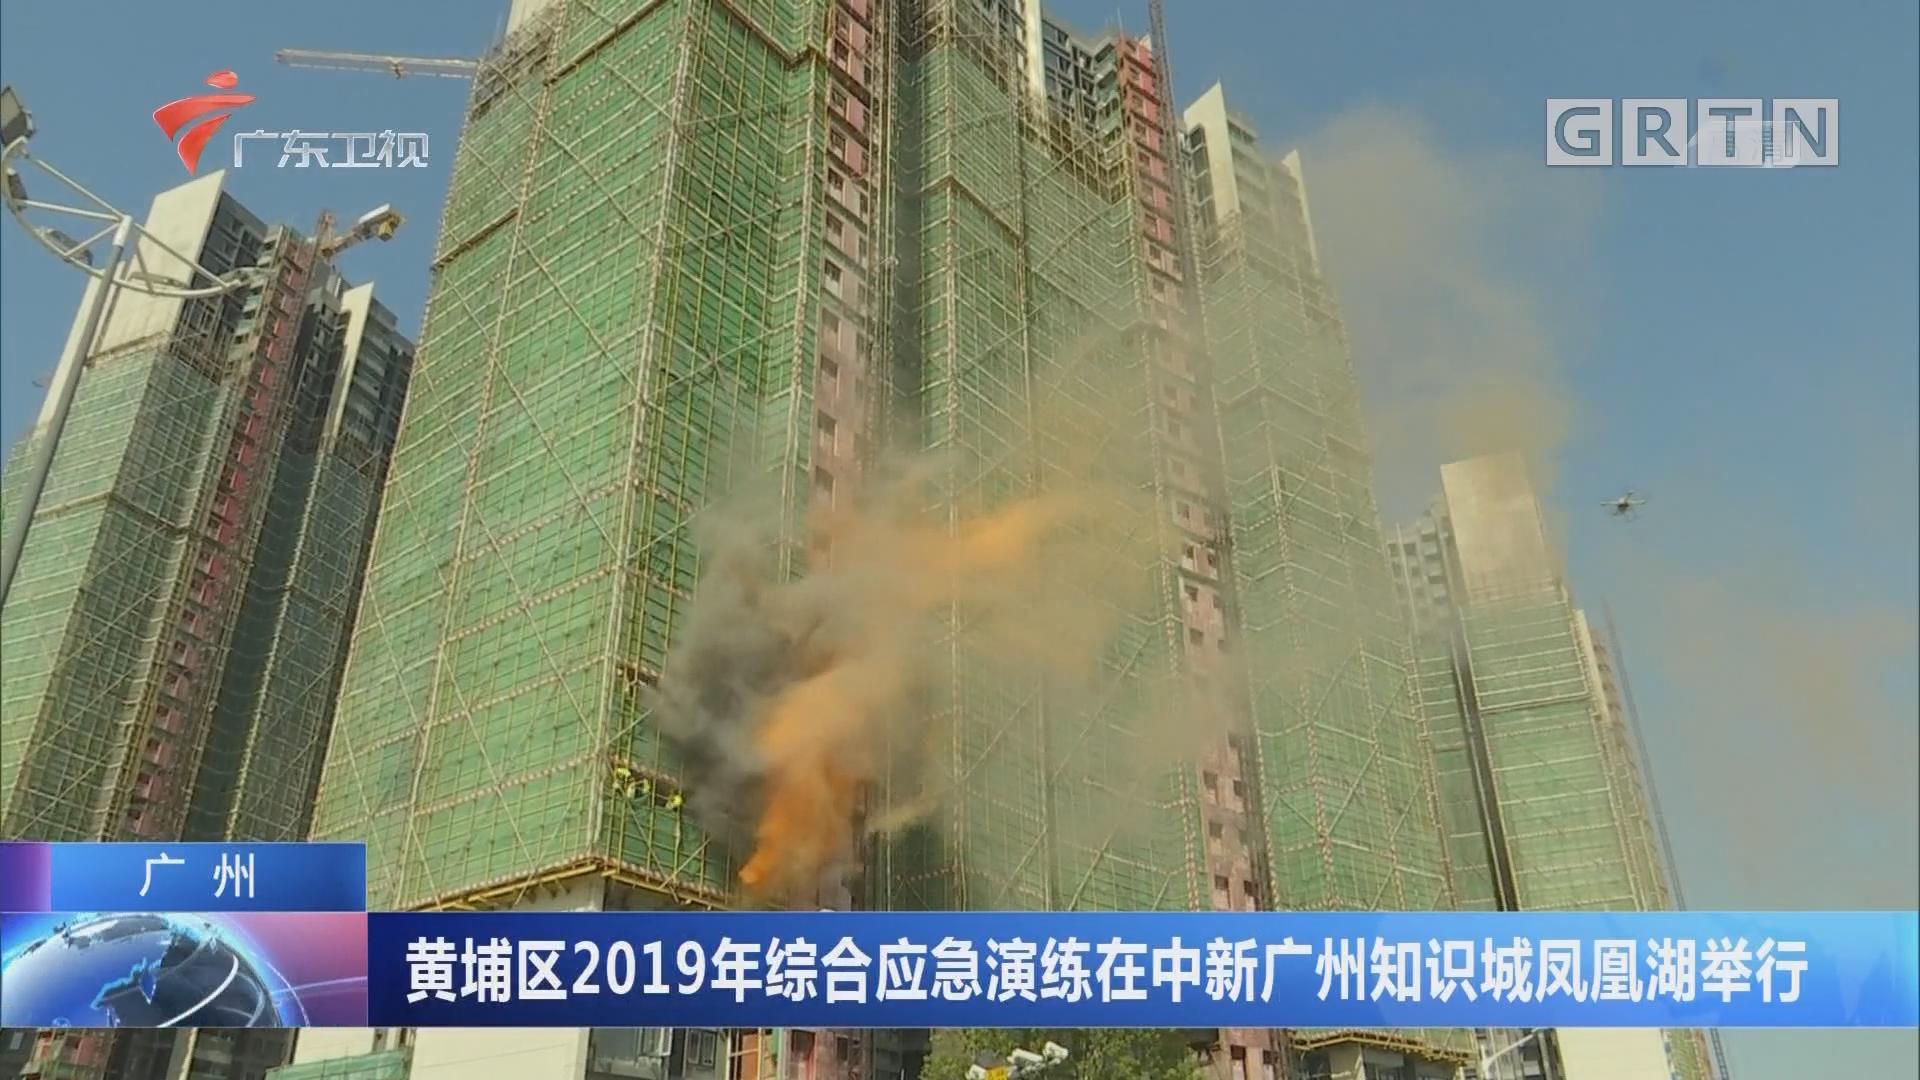 广州:黄埔区2019年综合应急演练在中新广州知识城凤凰湖举行